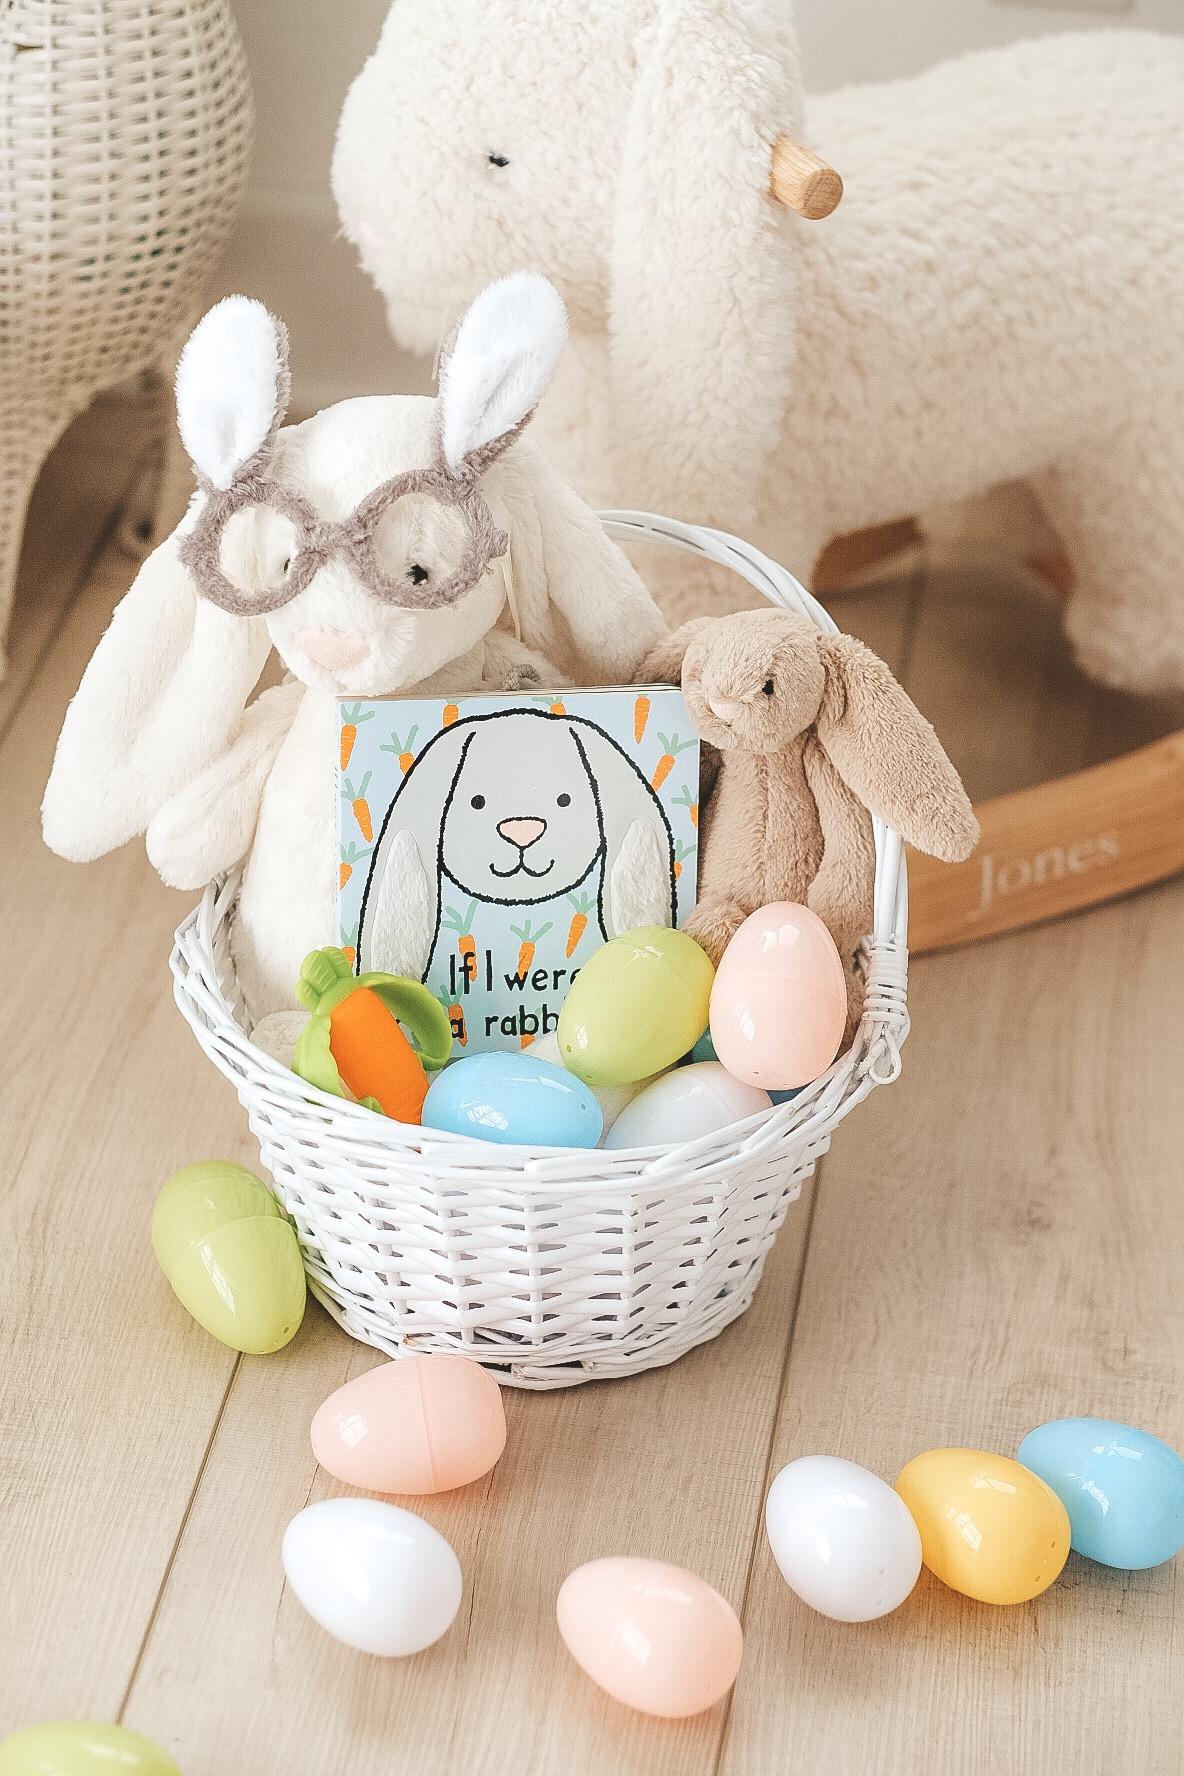 Easter basket ideas for children under 1.  Baby Easter basket ideas.